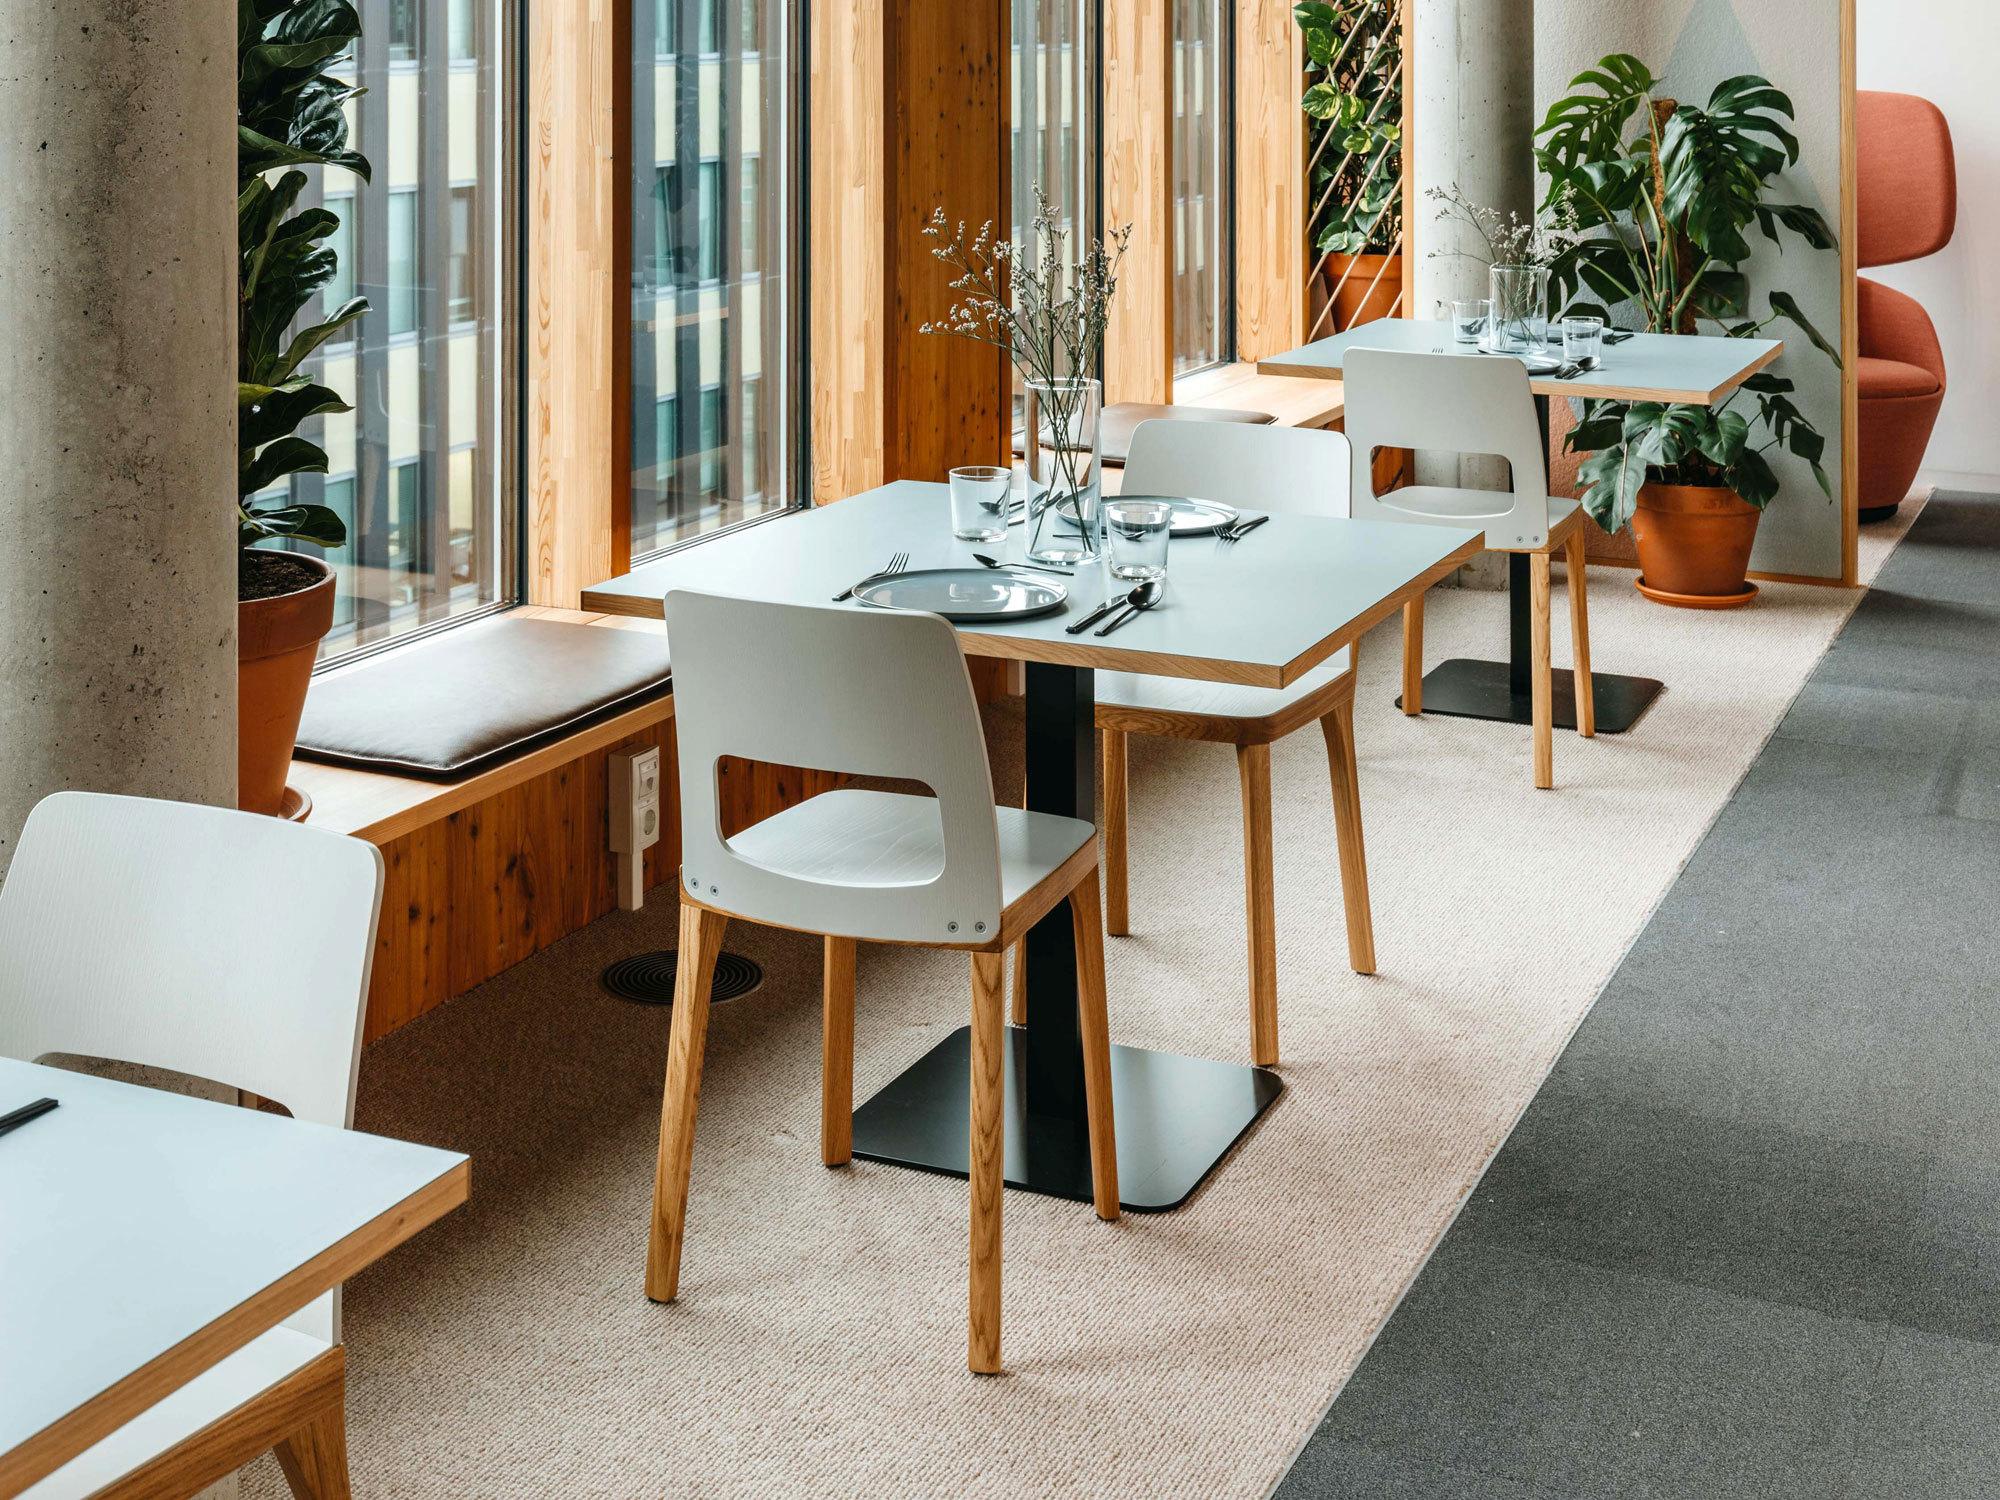 Die Innsbruckerin Architektin und Designerin Nina Mair hat in ihrer Heimatstadt ein Büro umgestaltet: eine Mikroarchitektur für ungestörten Ideenaustausch und kontemplative Pausen.